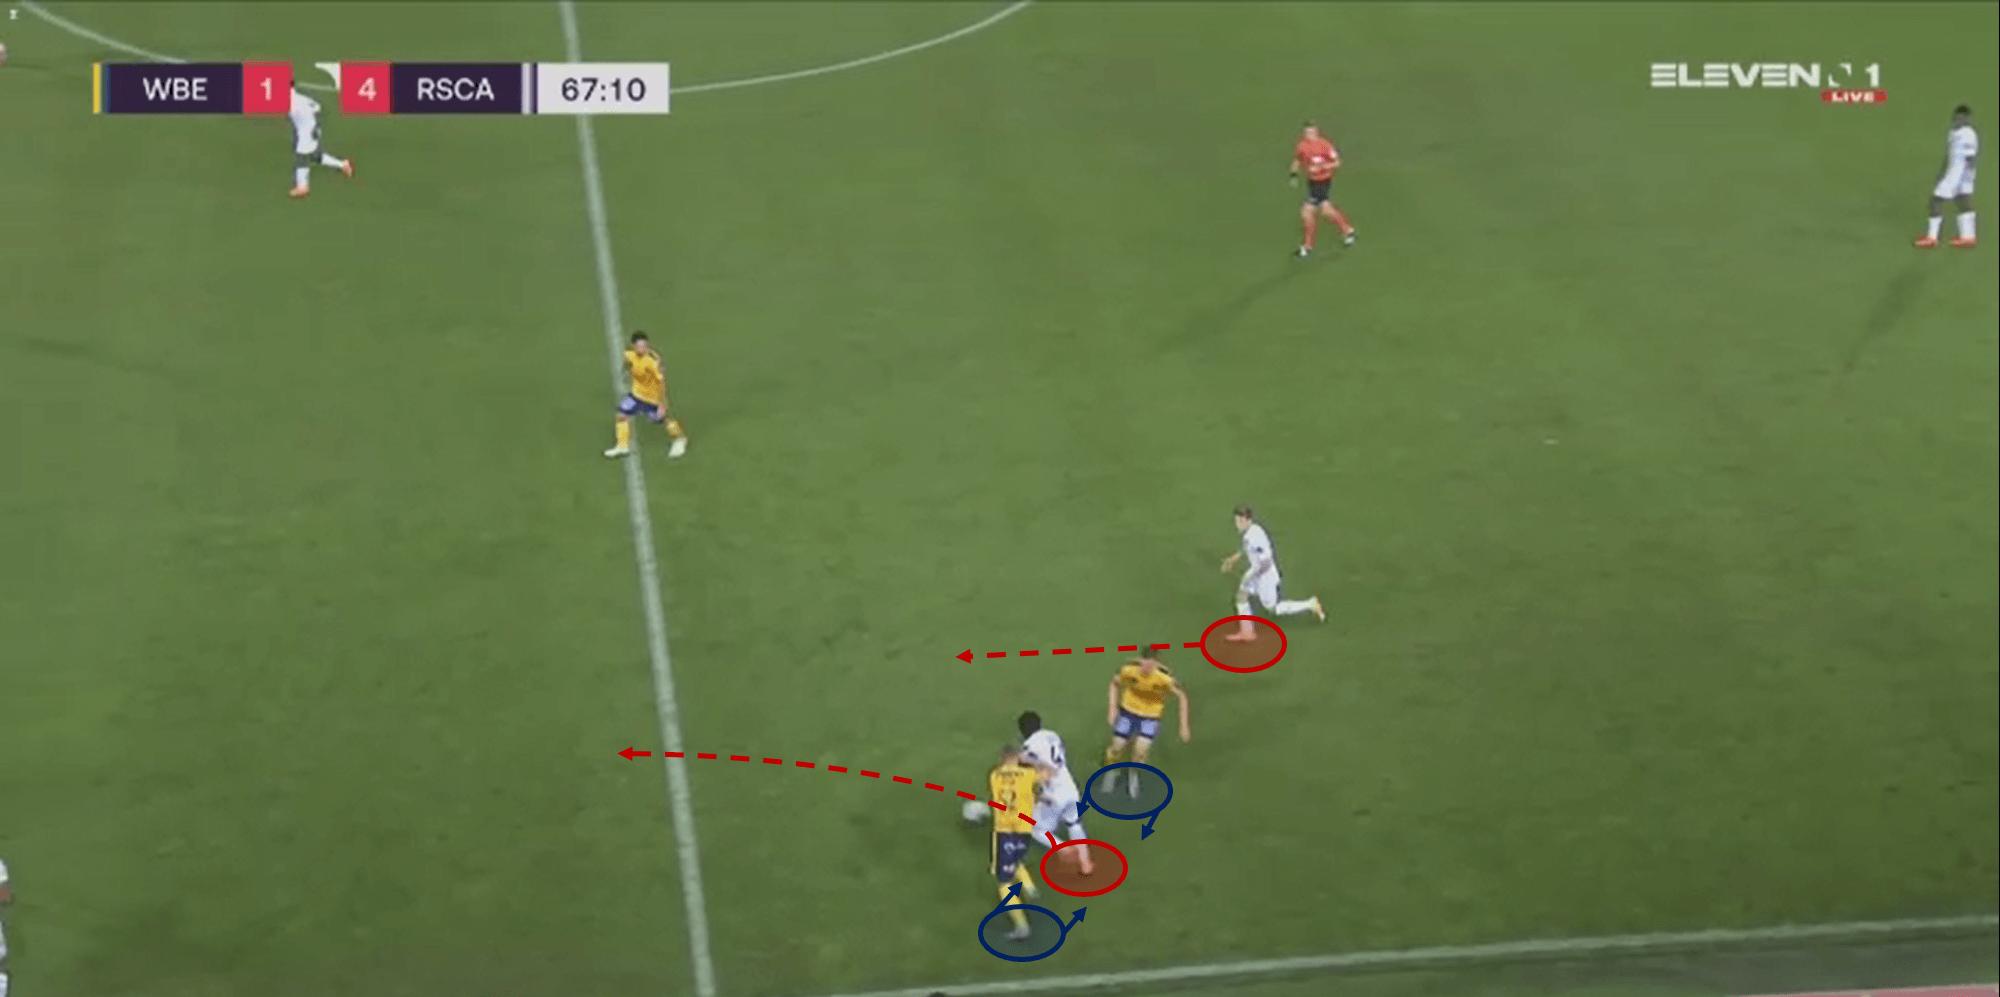 Jérémy Doku: Stade Rennais' new mercurial talent - scout report - tactical analysis tactics